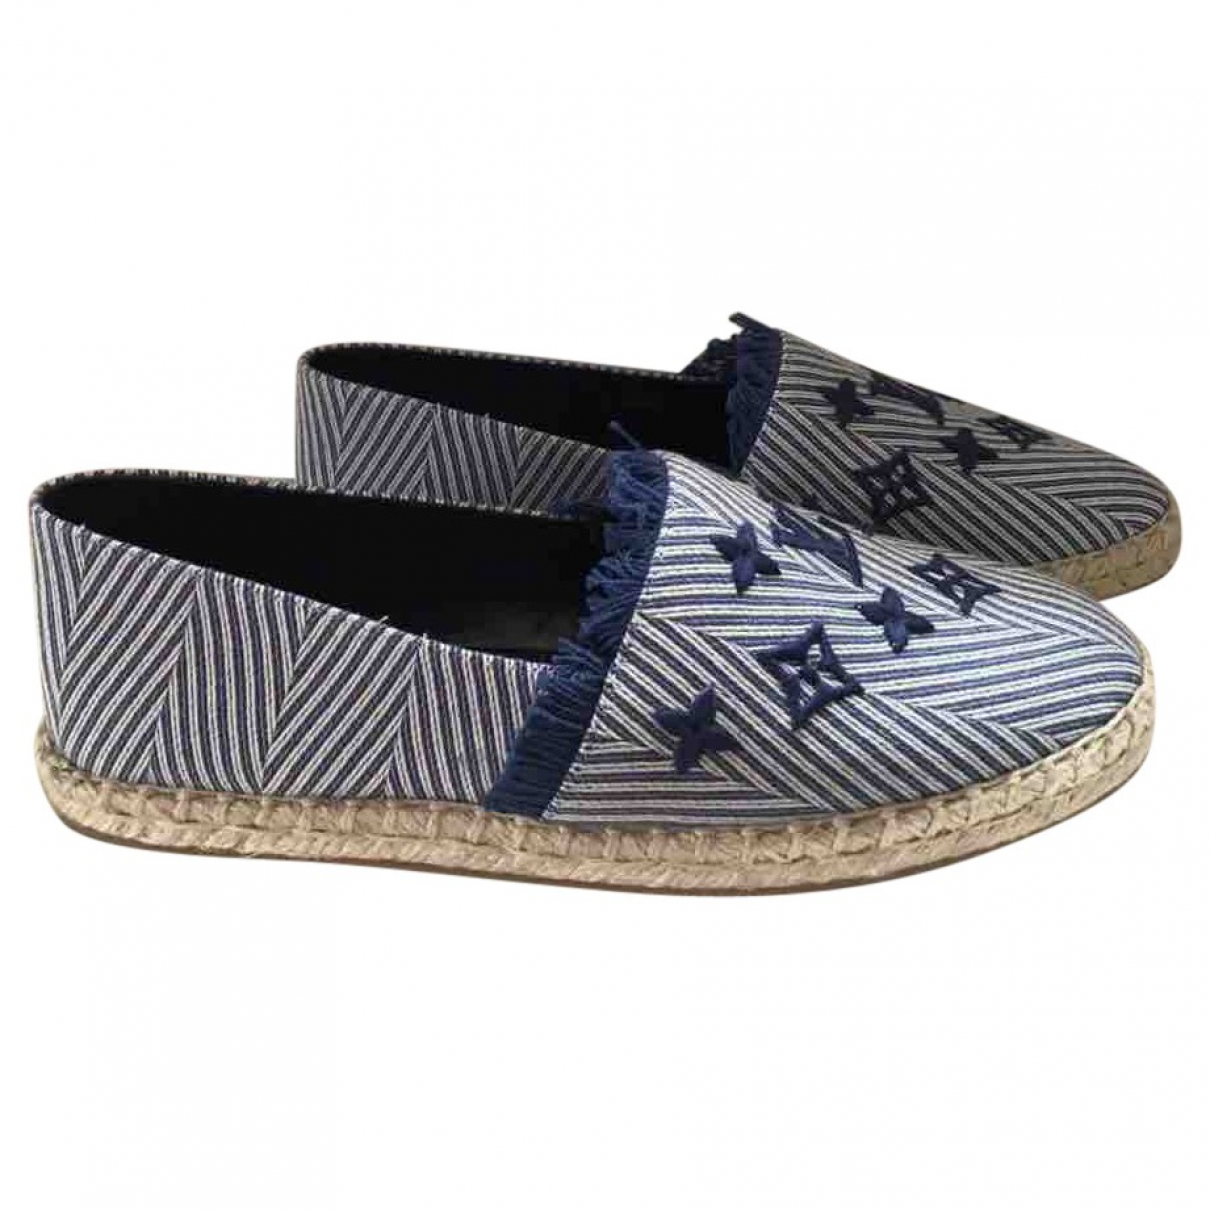 Louis Vuitton Seashore Espadrilles in  Blau Leinen